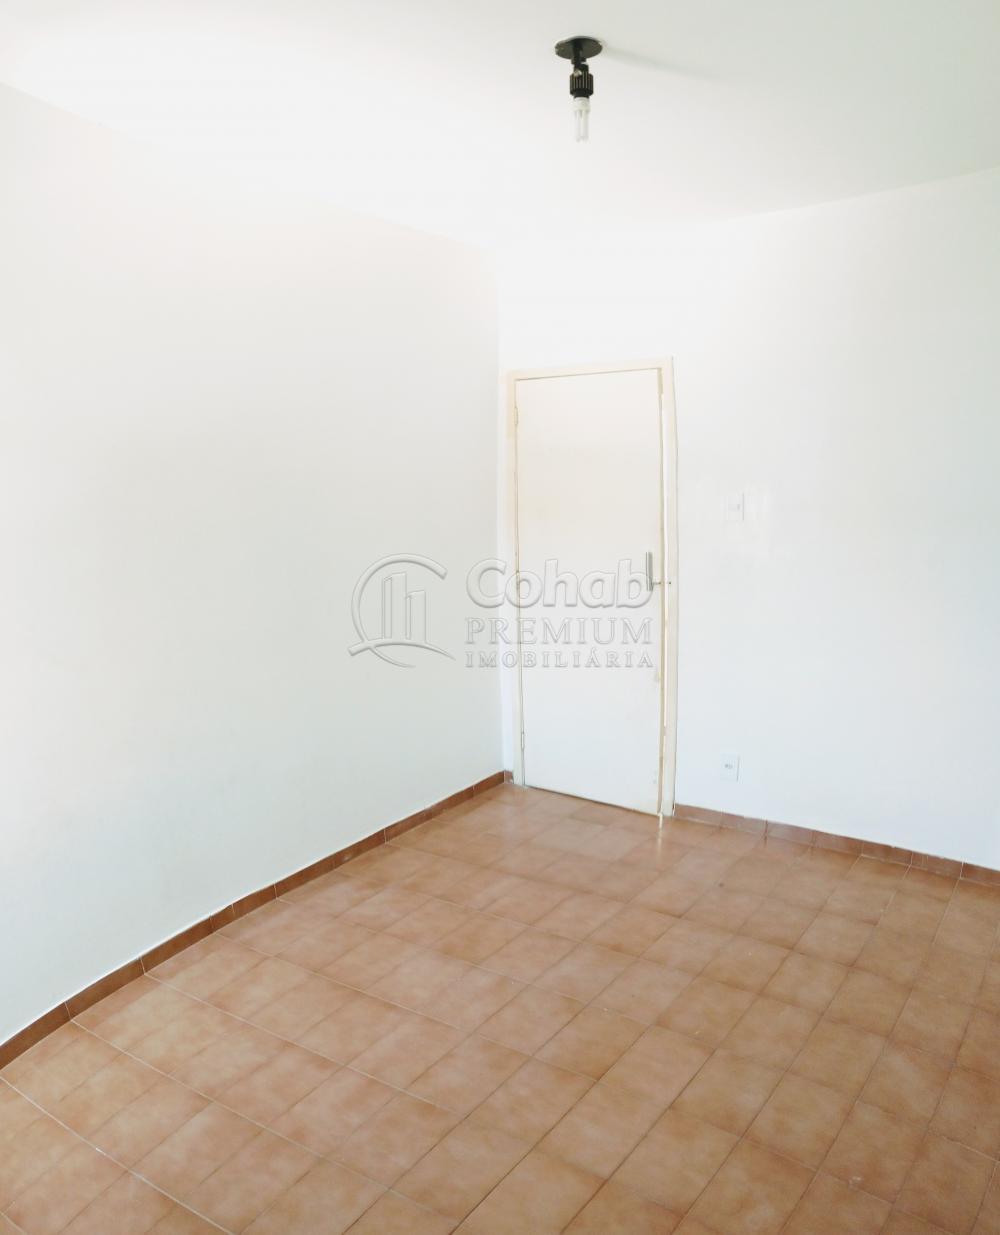 Alugar Apartamento / Padrão em Aracaju apenas R$ 700,00 - Foto 5